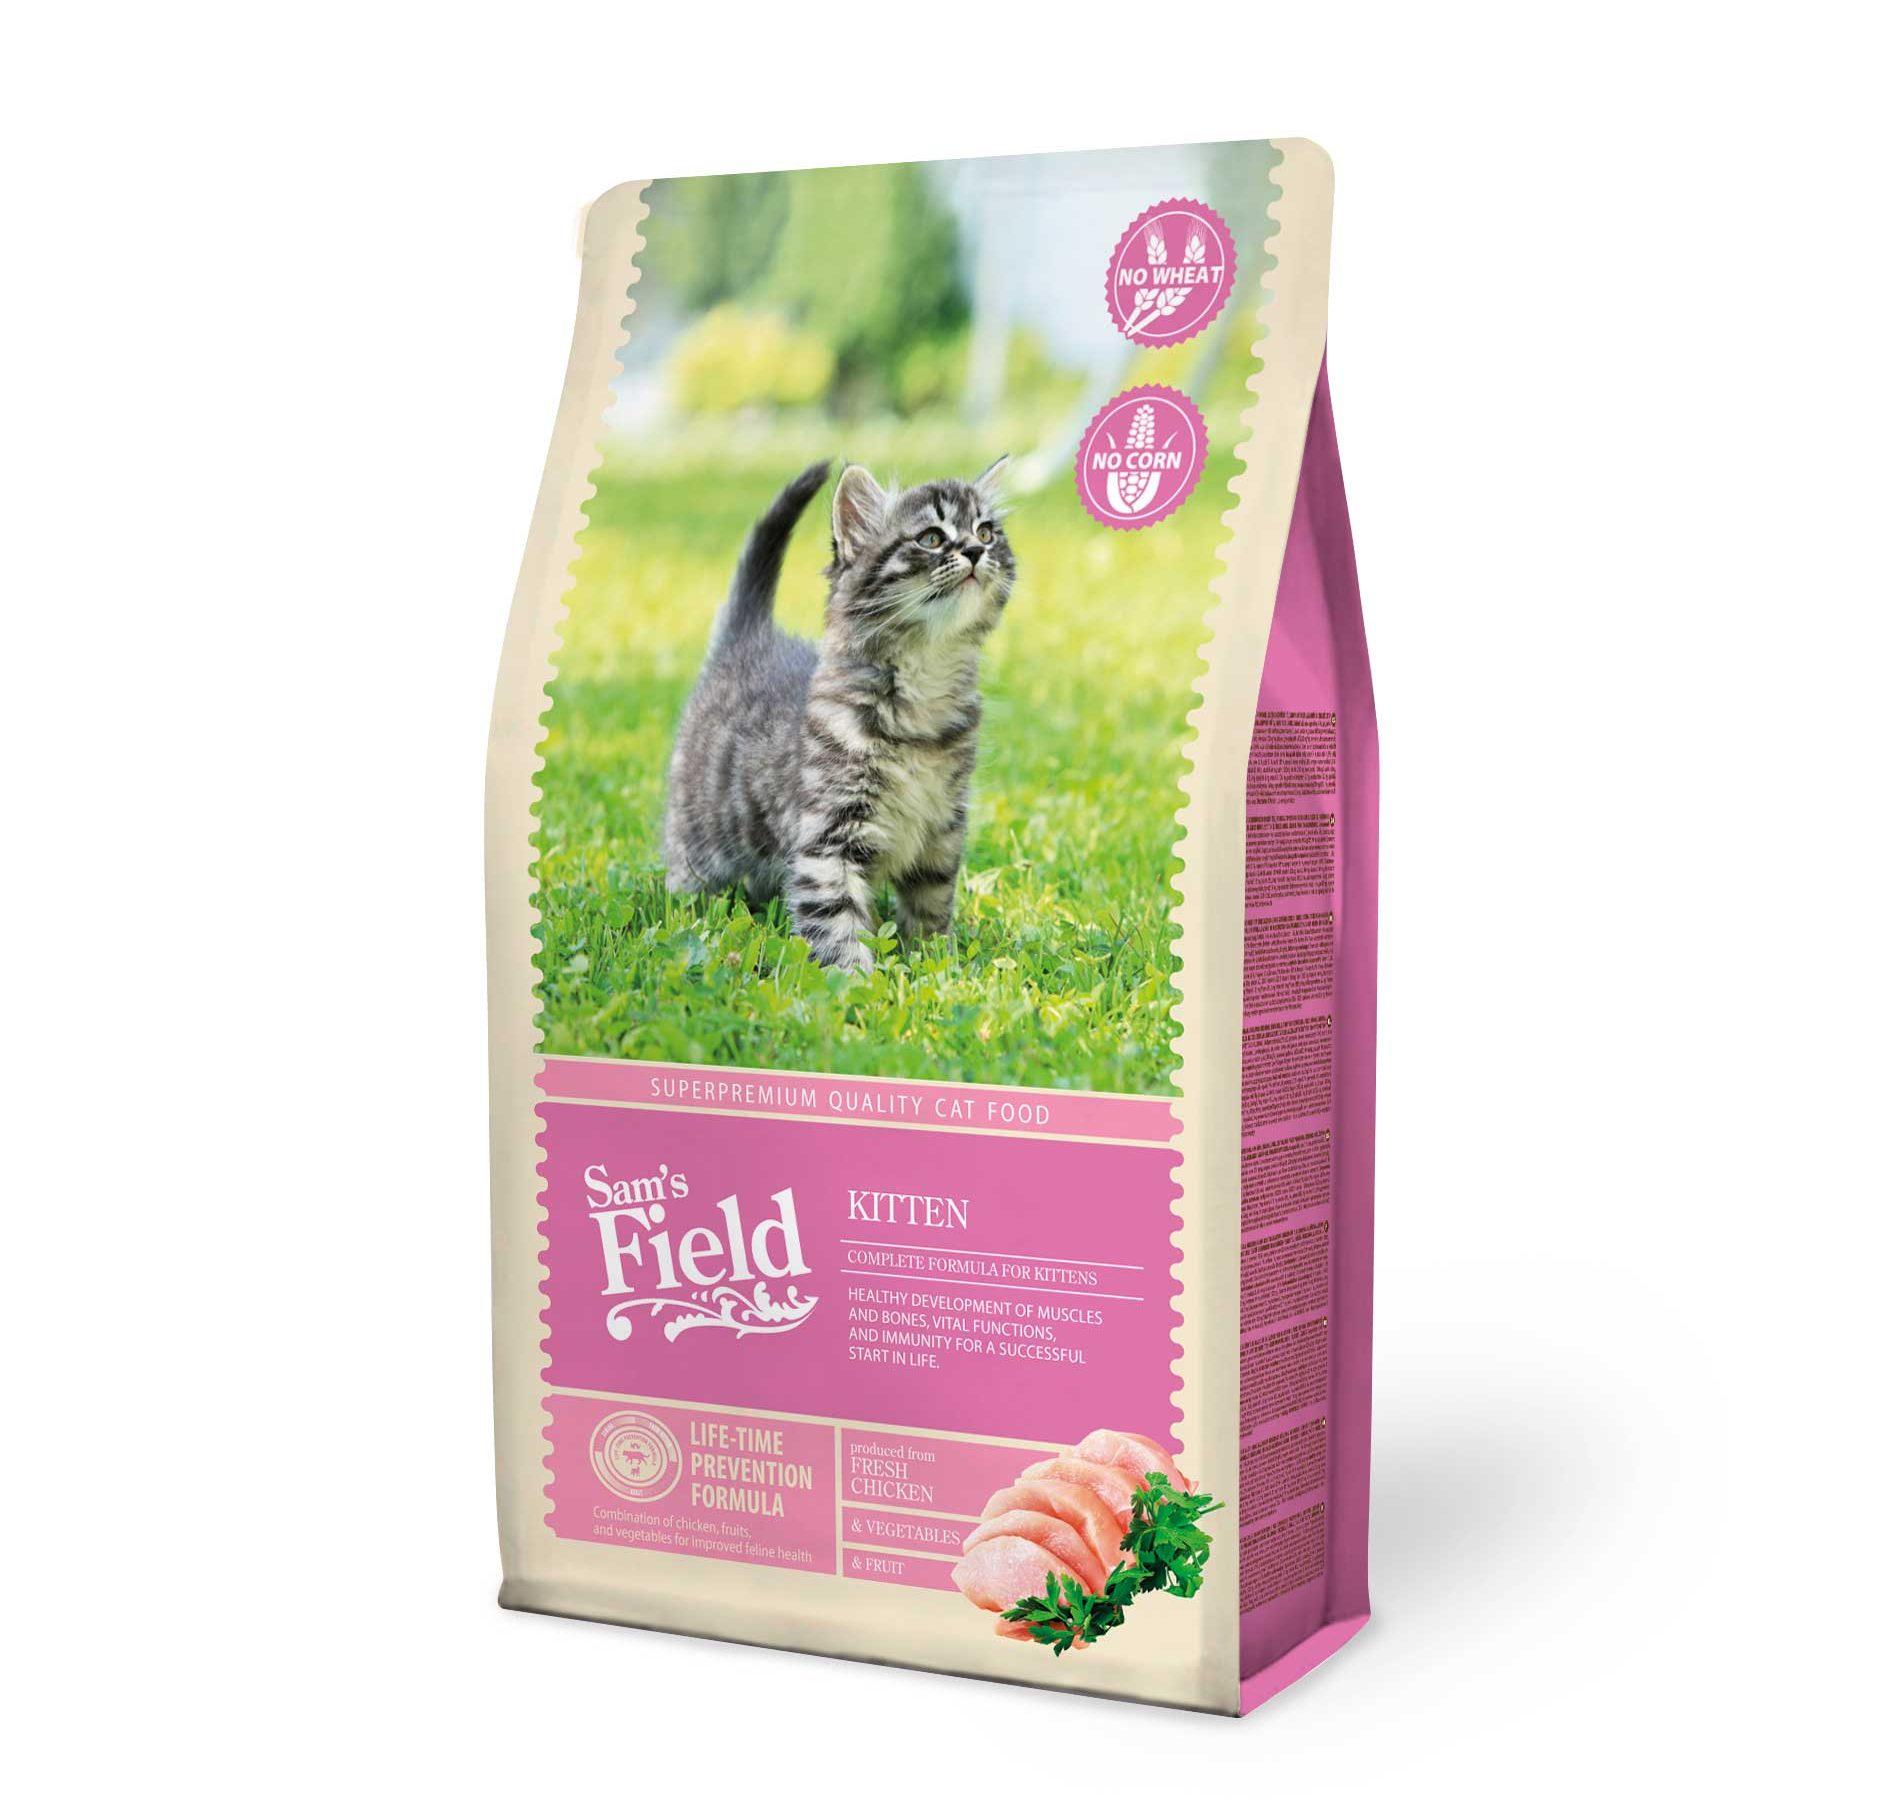 Sams Field Kittenvoeding